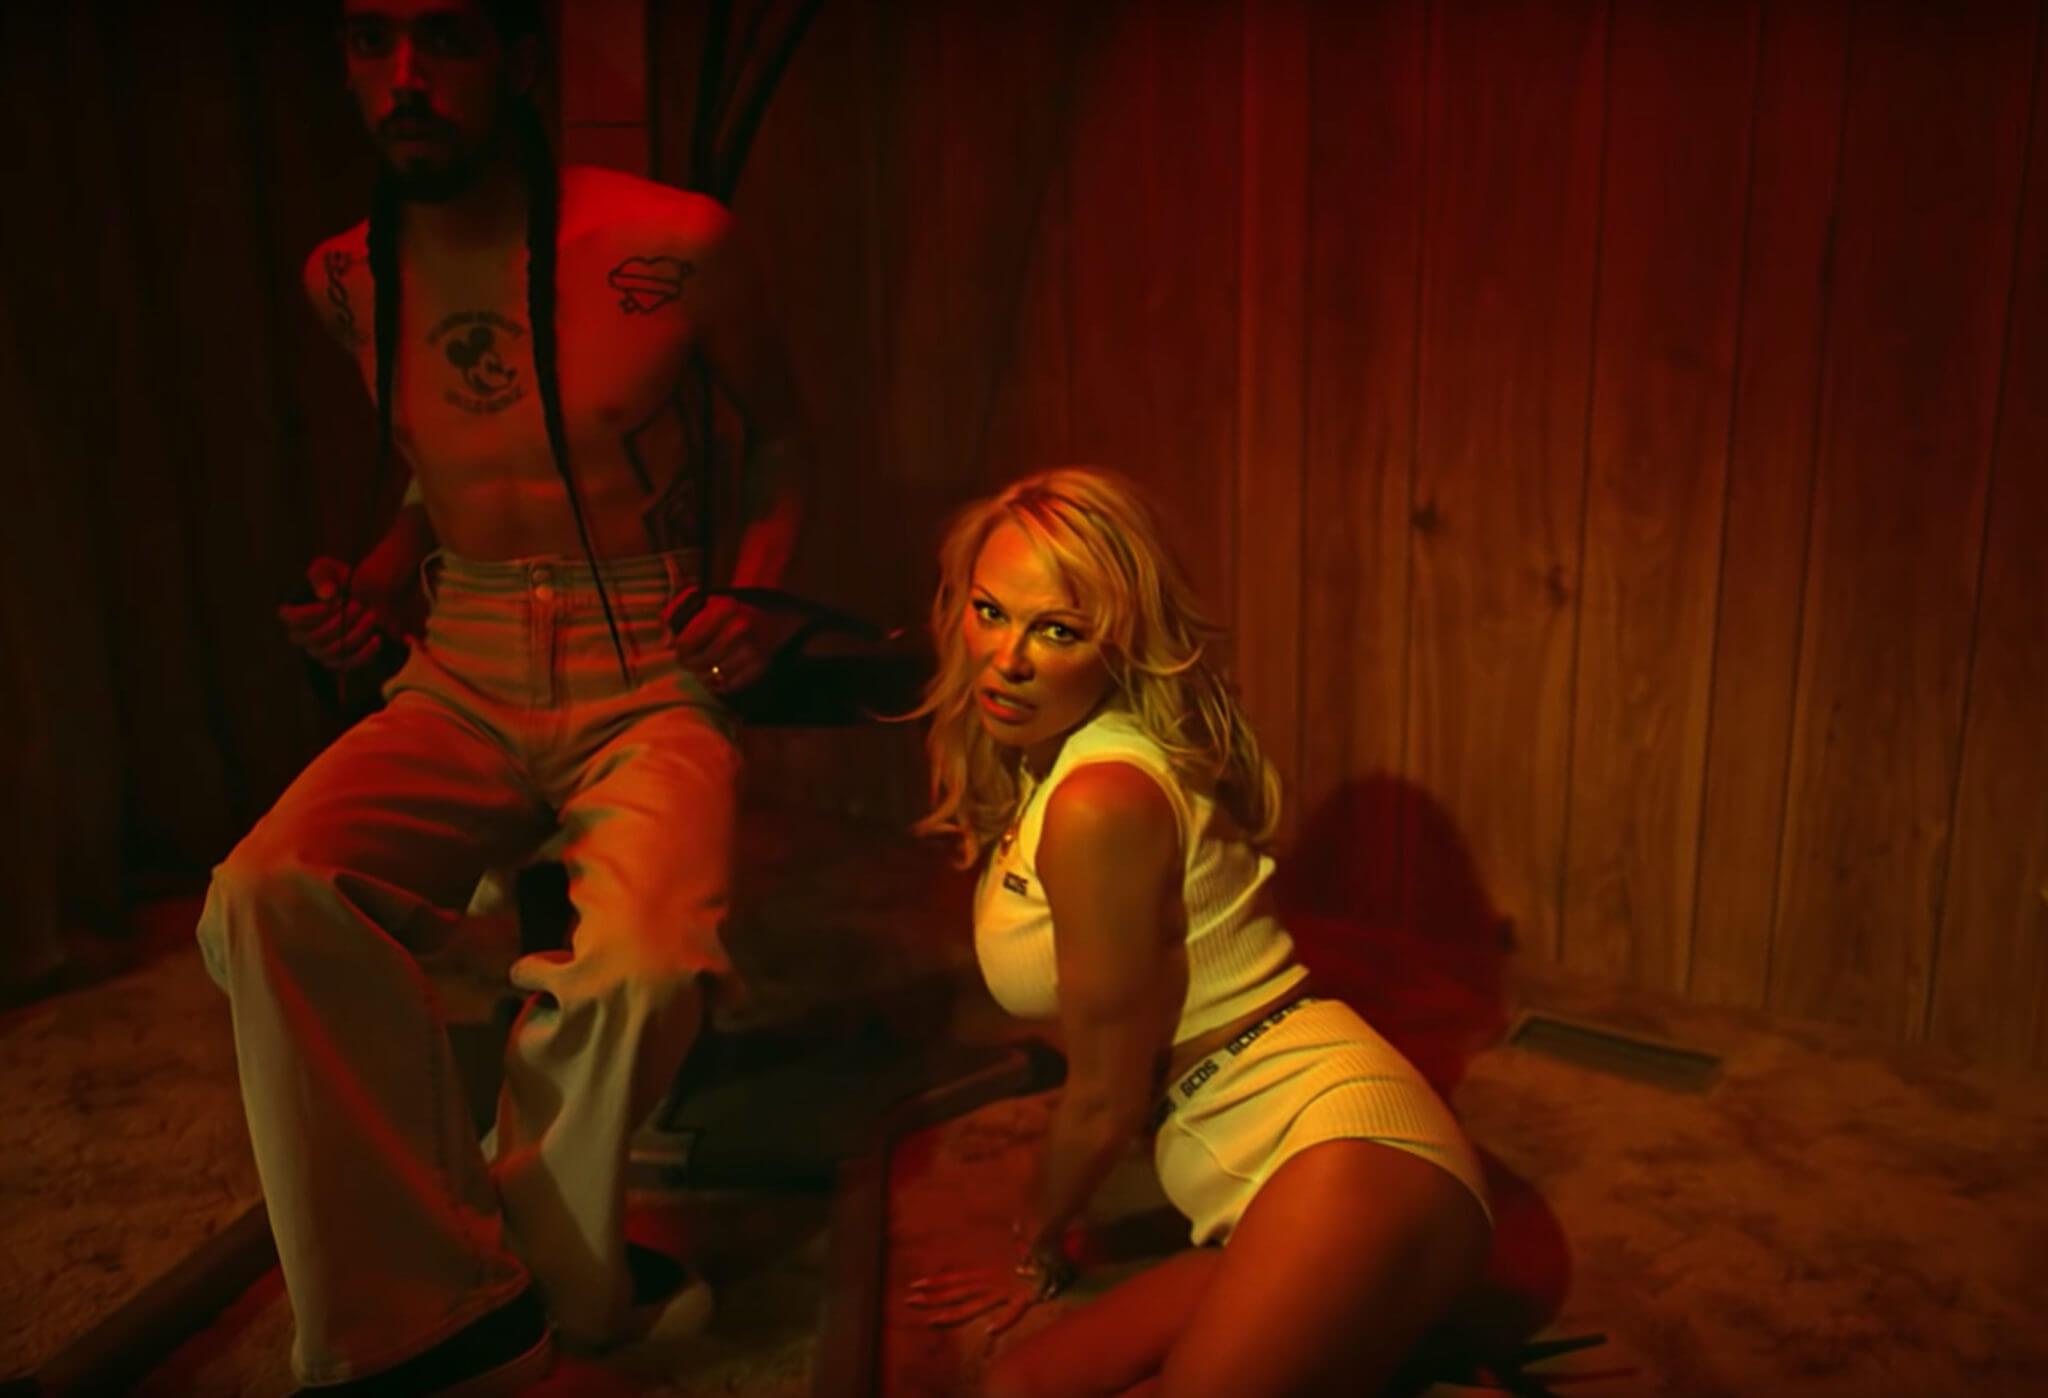 Giuliano Calza asesina a Pamela Anderson en el promocional de su nueva colección de modas